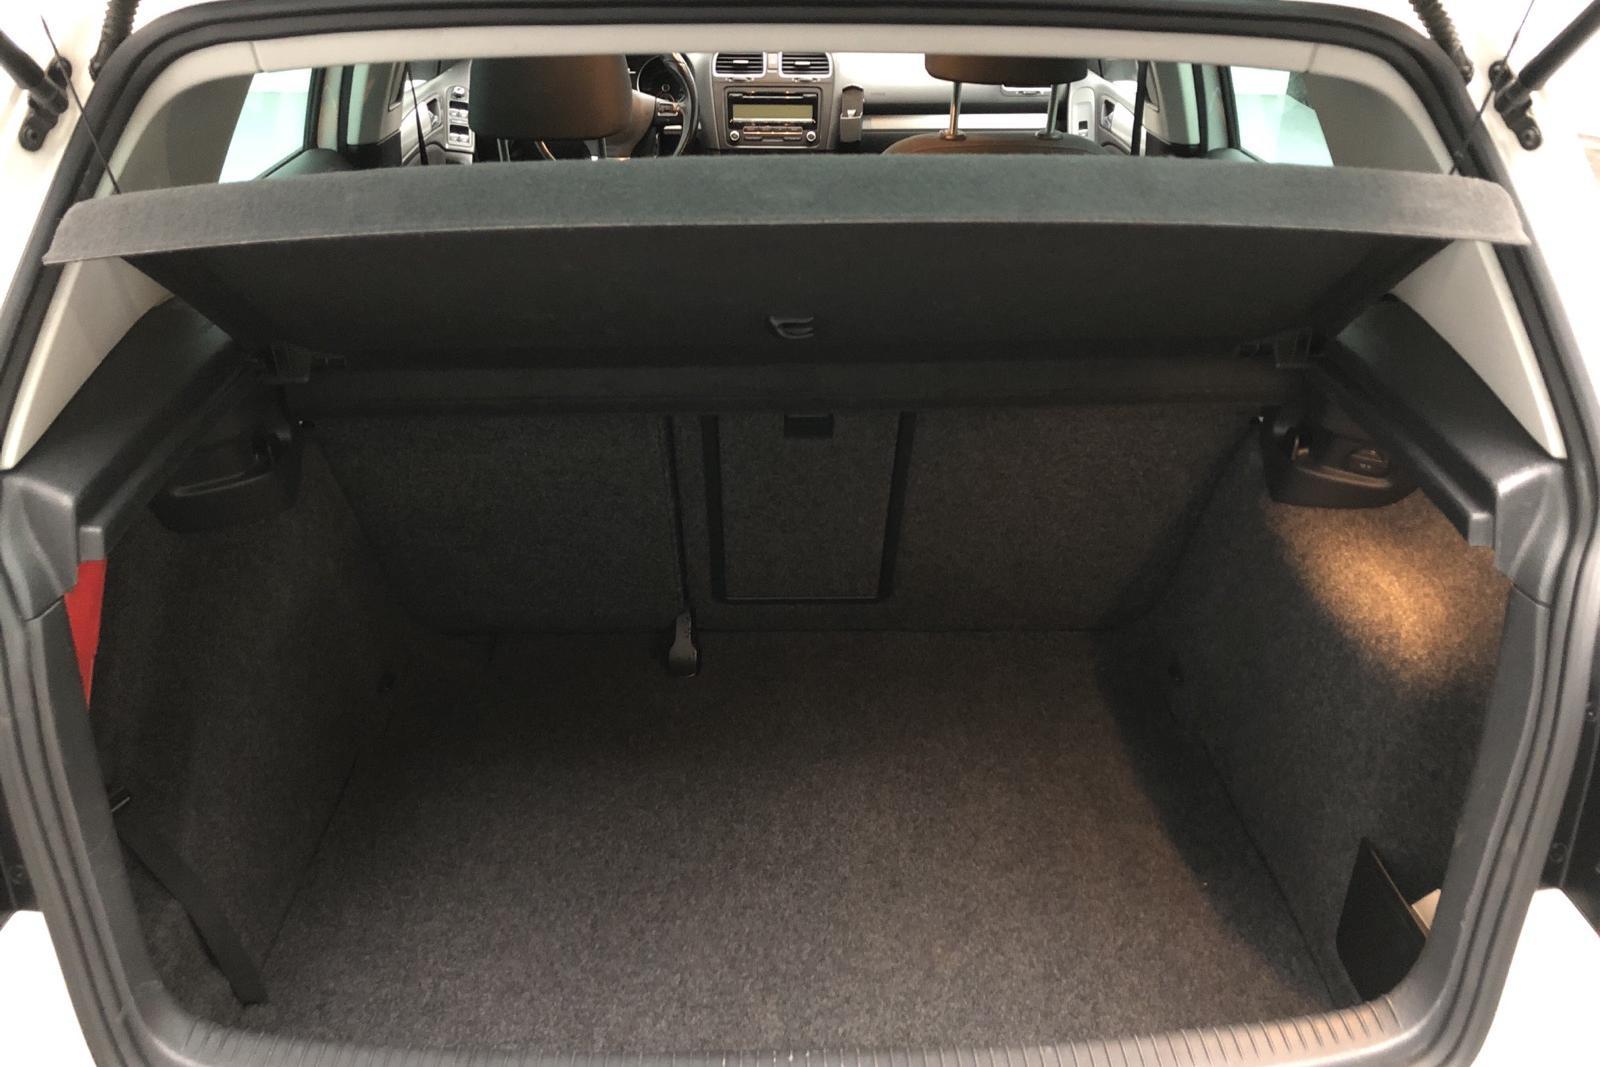 VW GOLF GT 1,8 TSI Sport - 13 963 mil - Manuell - vit - 2010